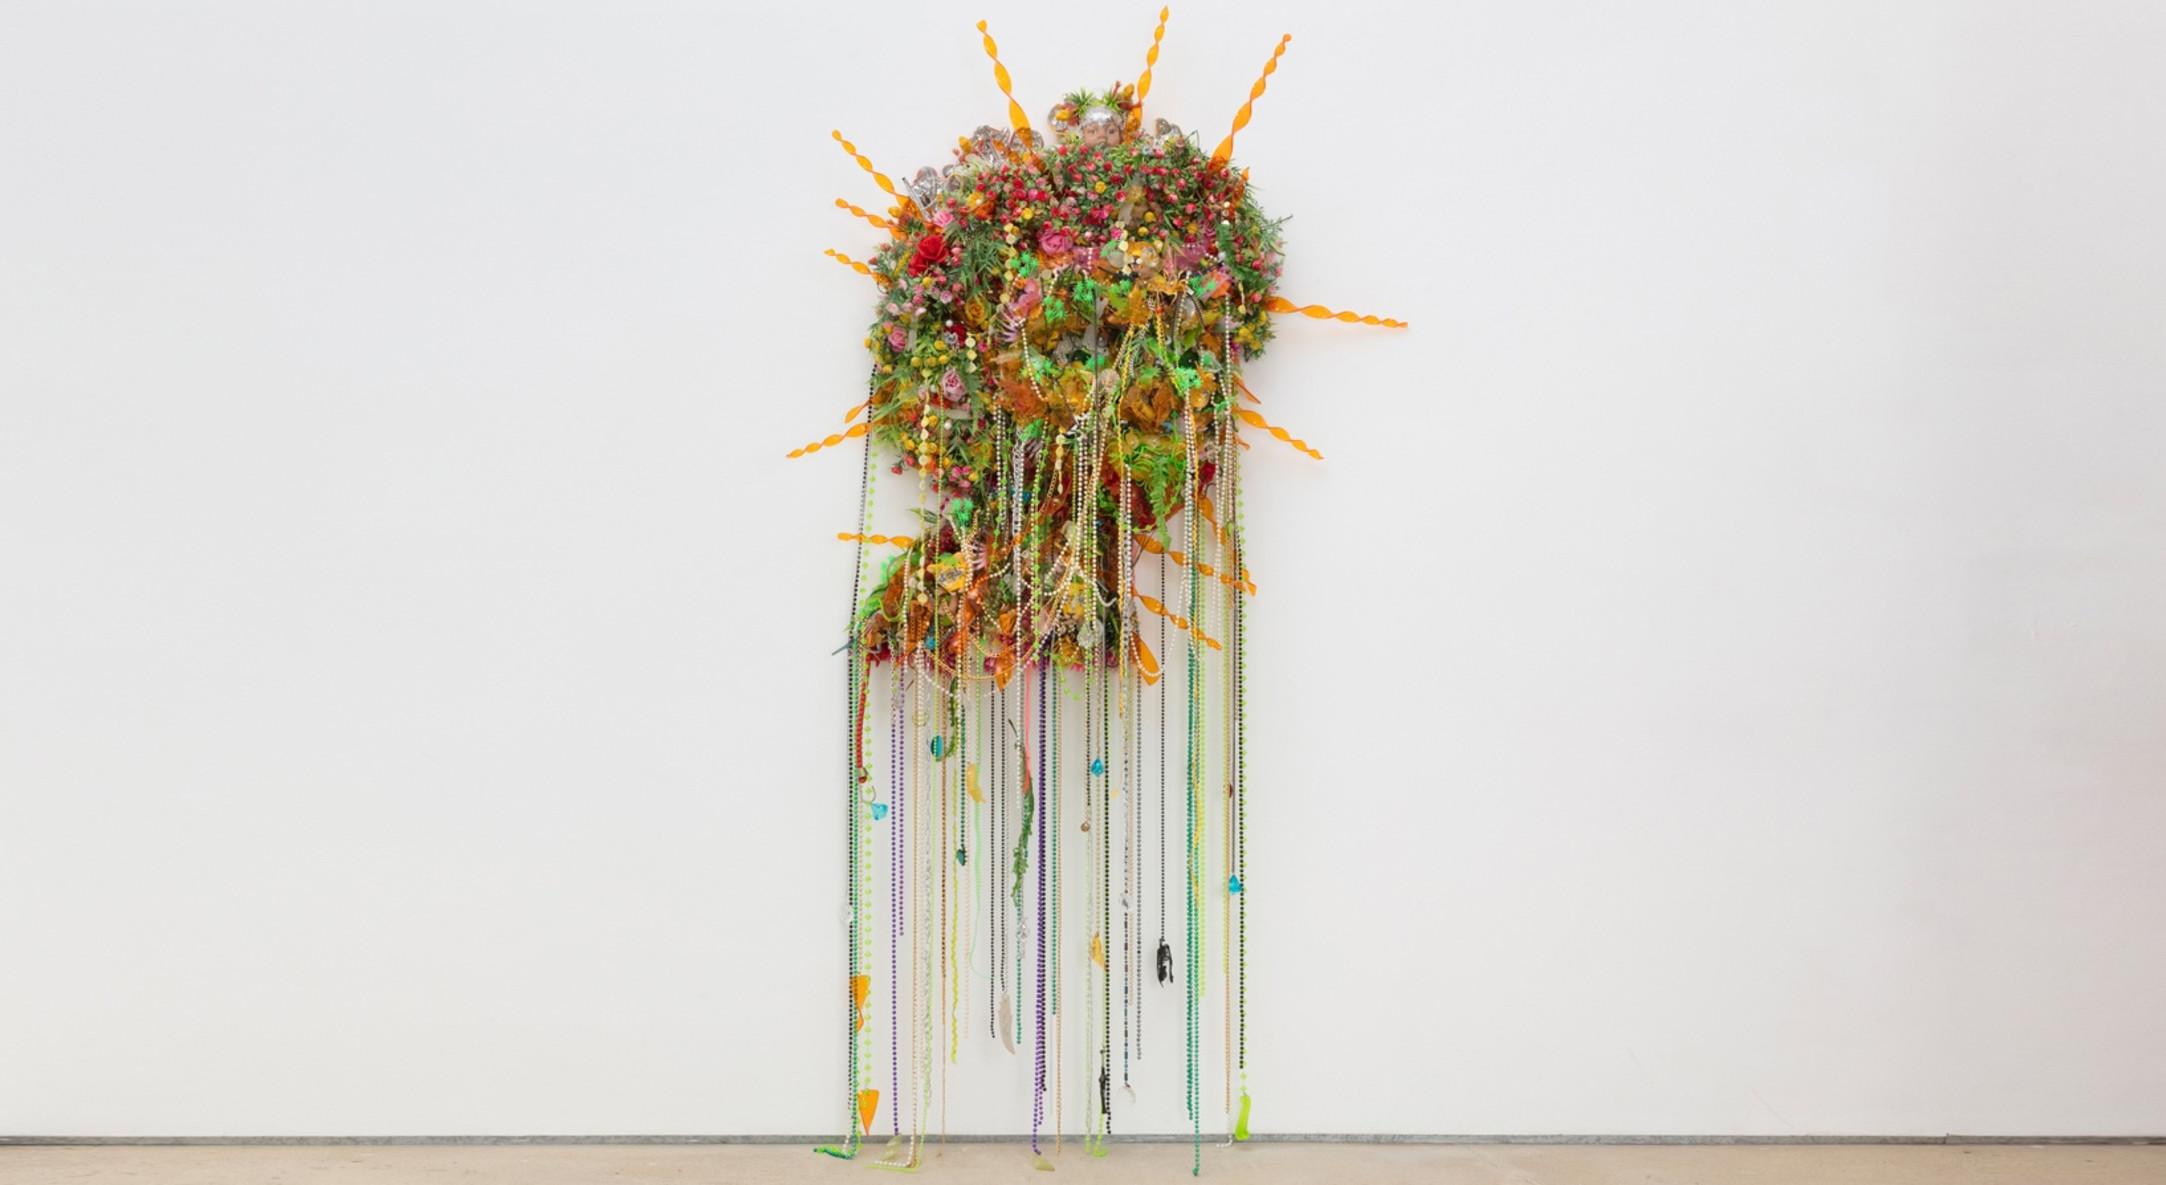 Hew Locke, Demeter, 2010, Mixed media, 232 x 100 x 42 cm, 91 3/8 x 39 3/8 x 16 1/2 in